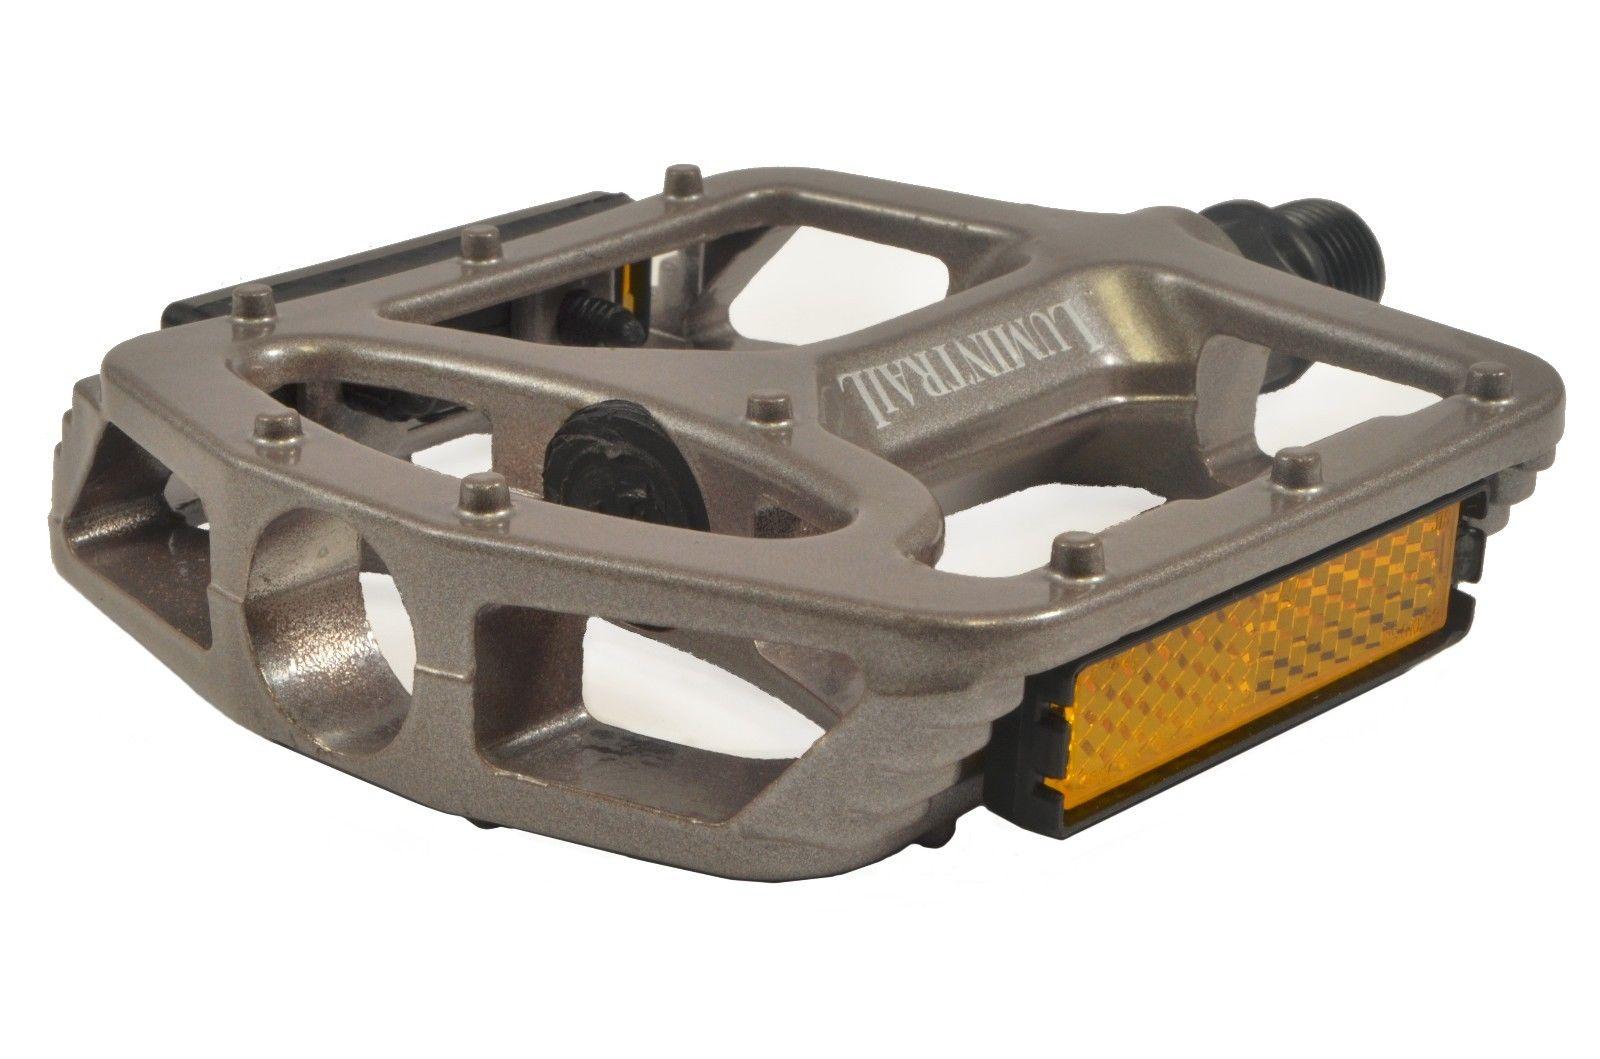 Lumintrail-Big-Foot-Bike-Pedals-Road-MTB-BMX-Aluminum-Alloy-Flat-Platform-9-16-034 thumbnail 12